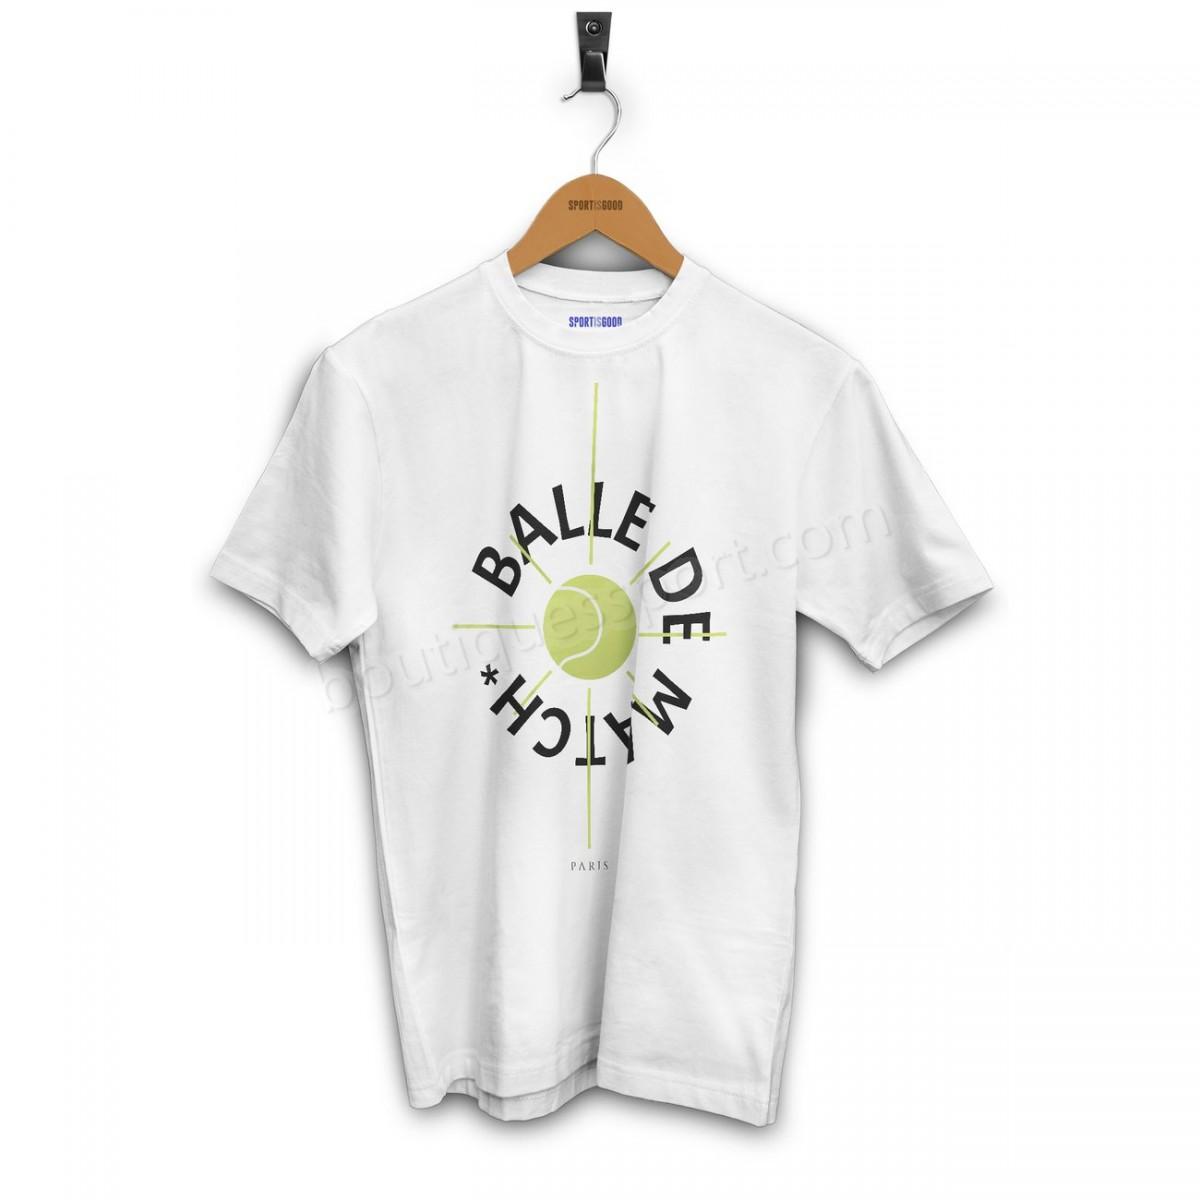 Tennis homme SPORT IS GOOD T-shirt Balle de match Soldes - -2